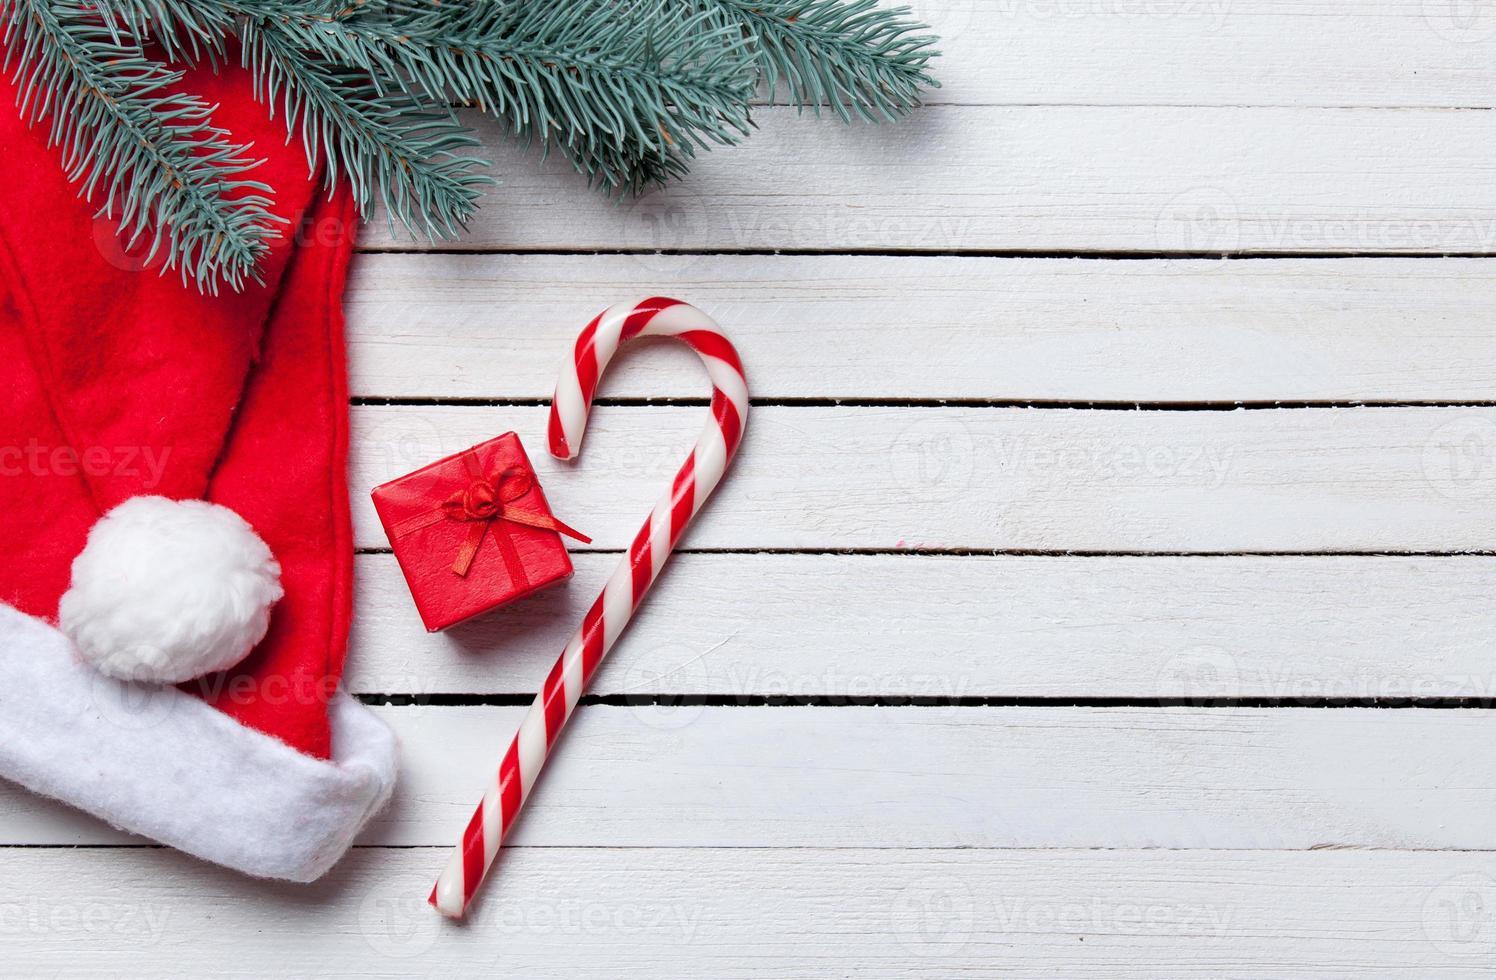 Weihnachtsbonbon mit brench und rotem Geschenk foto